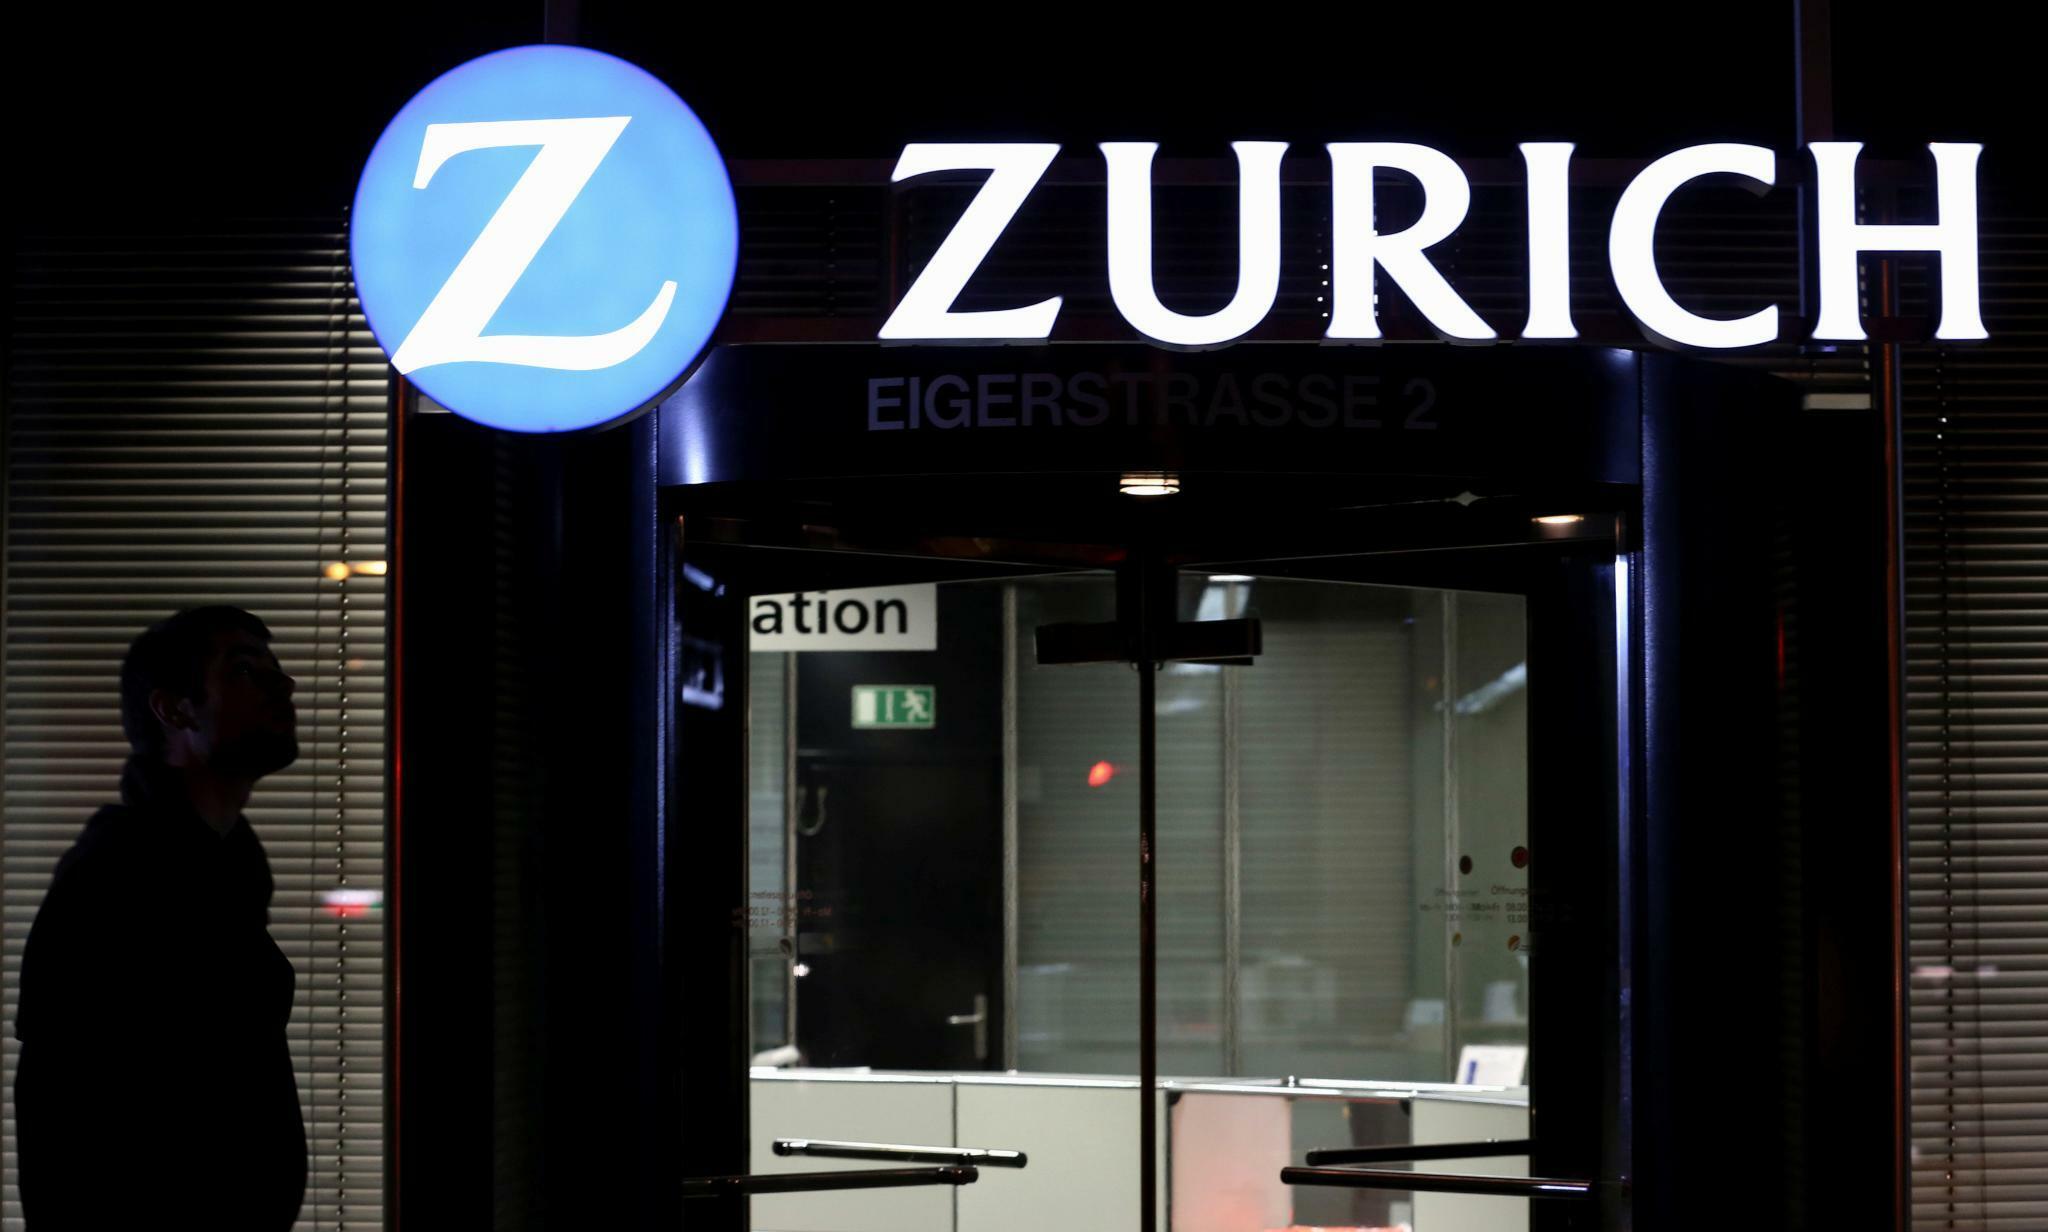 Zurich Insurance Group Wachst Starker Als Erwartet